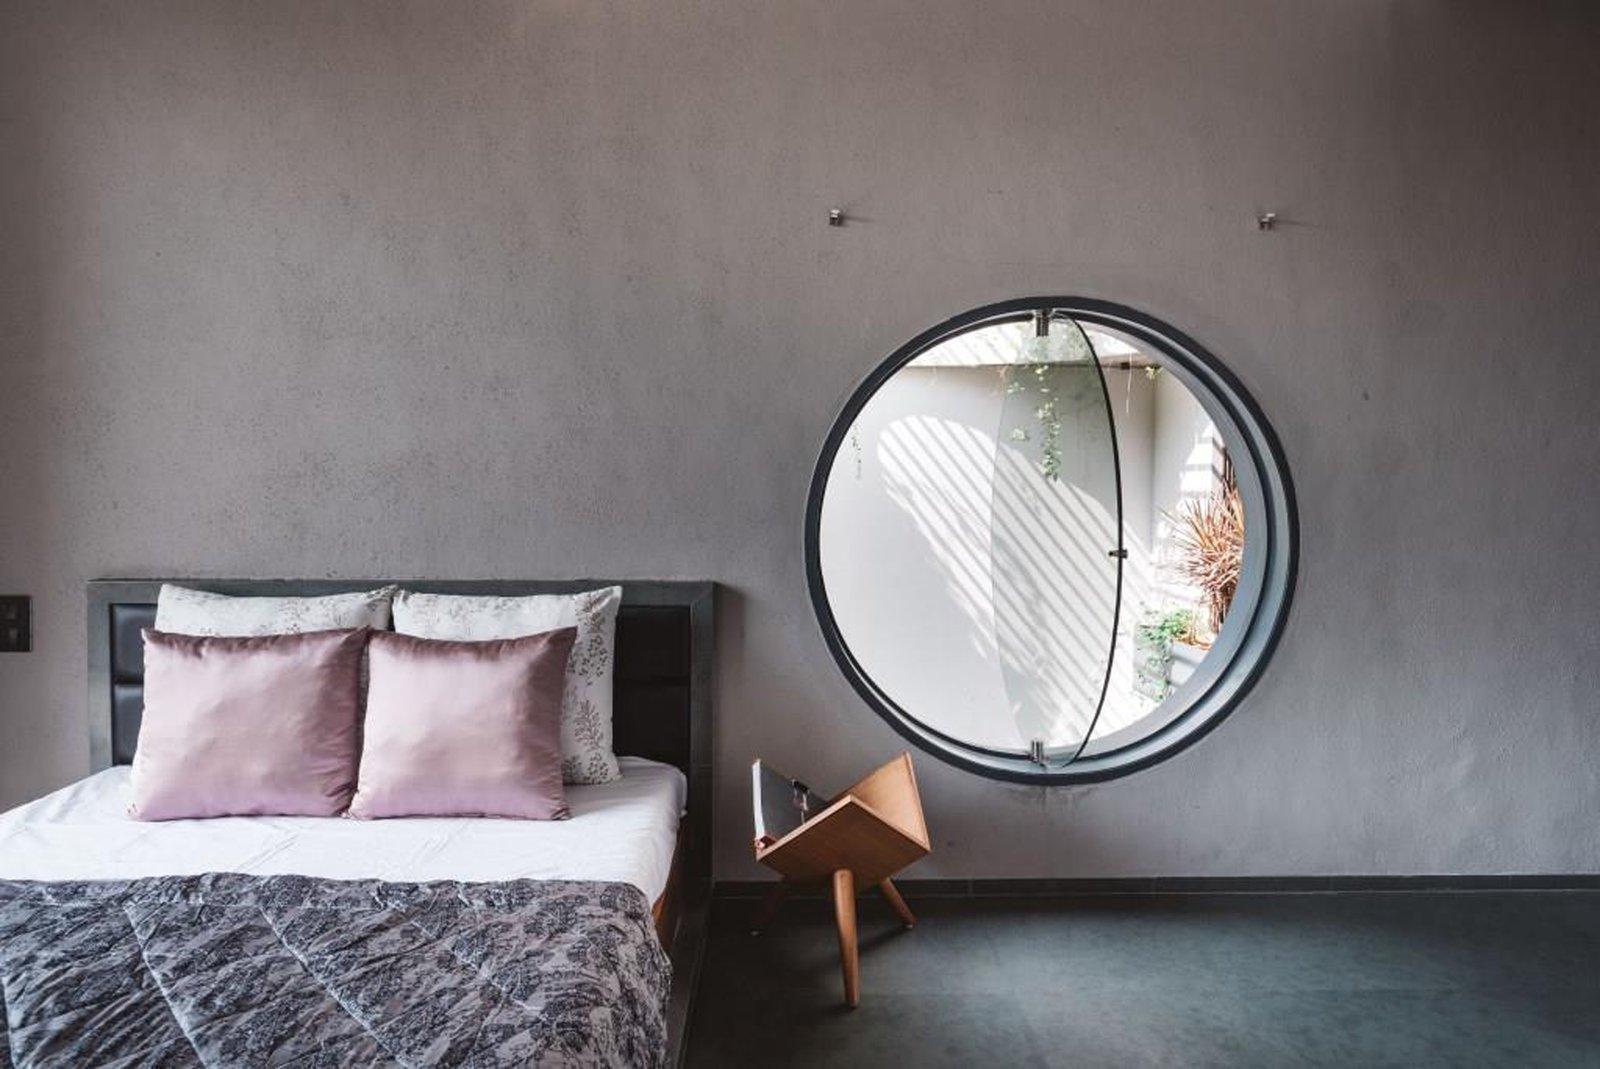 Jendela kaca bulat sebagai akses masuk udara dan sinar matahari (Sumber: dwell.com)